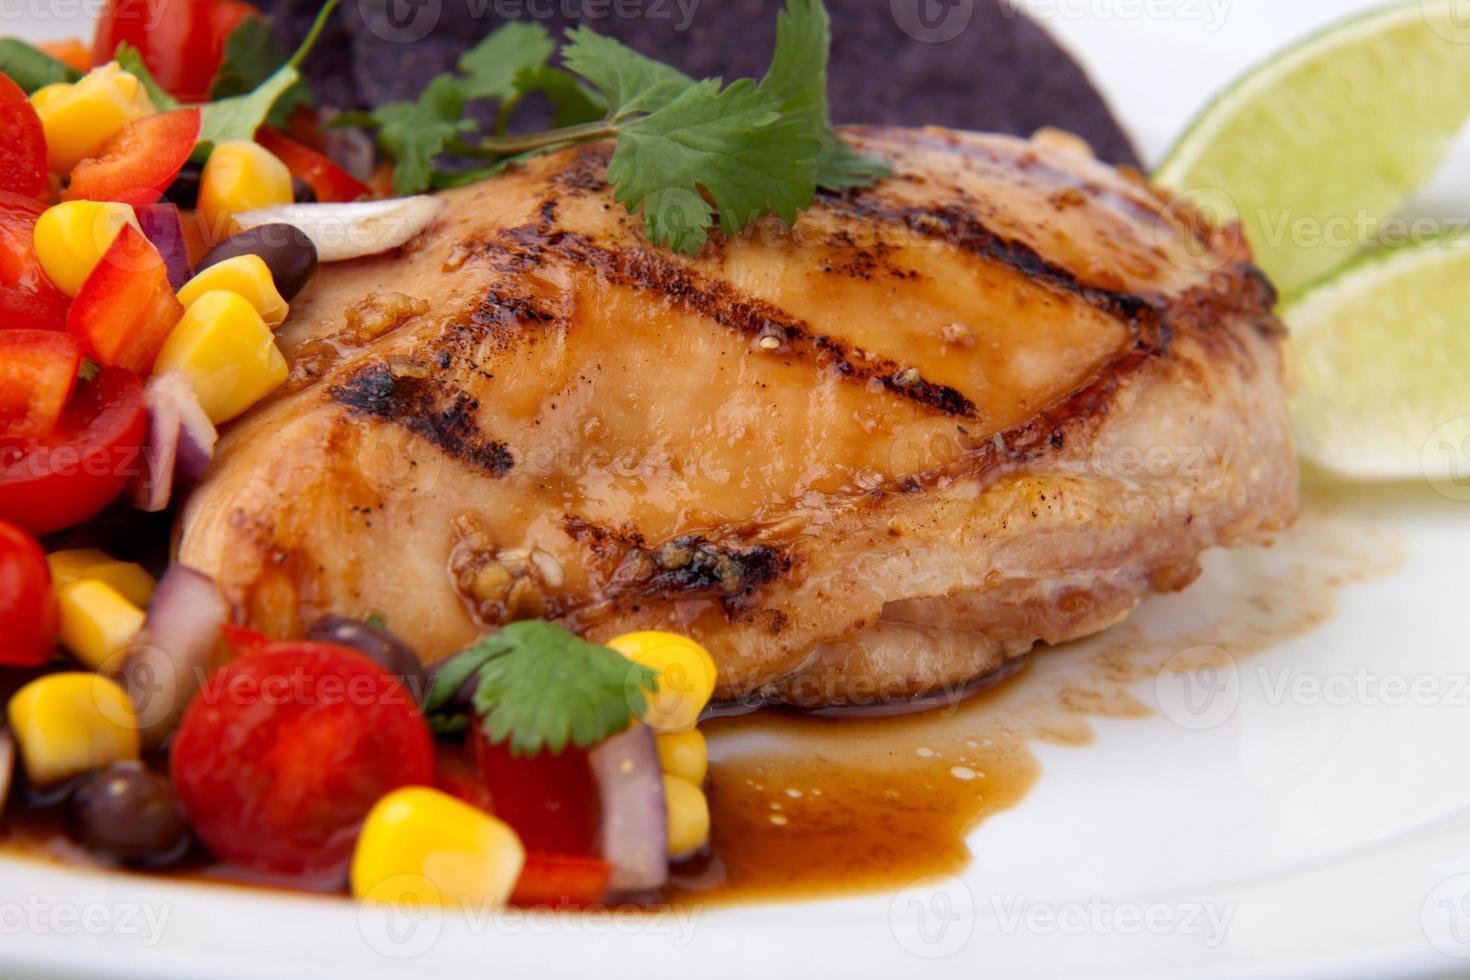 grillad kycklingbröst med tomat- och majsgarnering foto